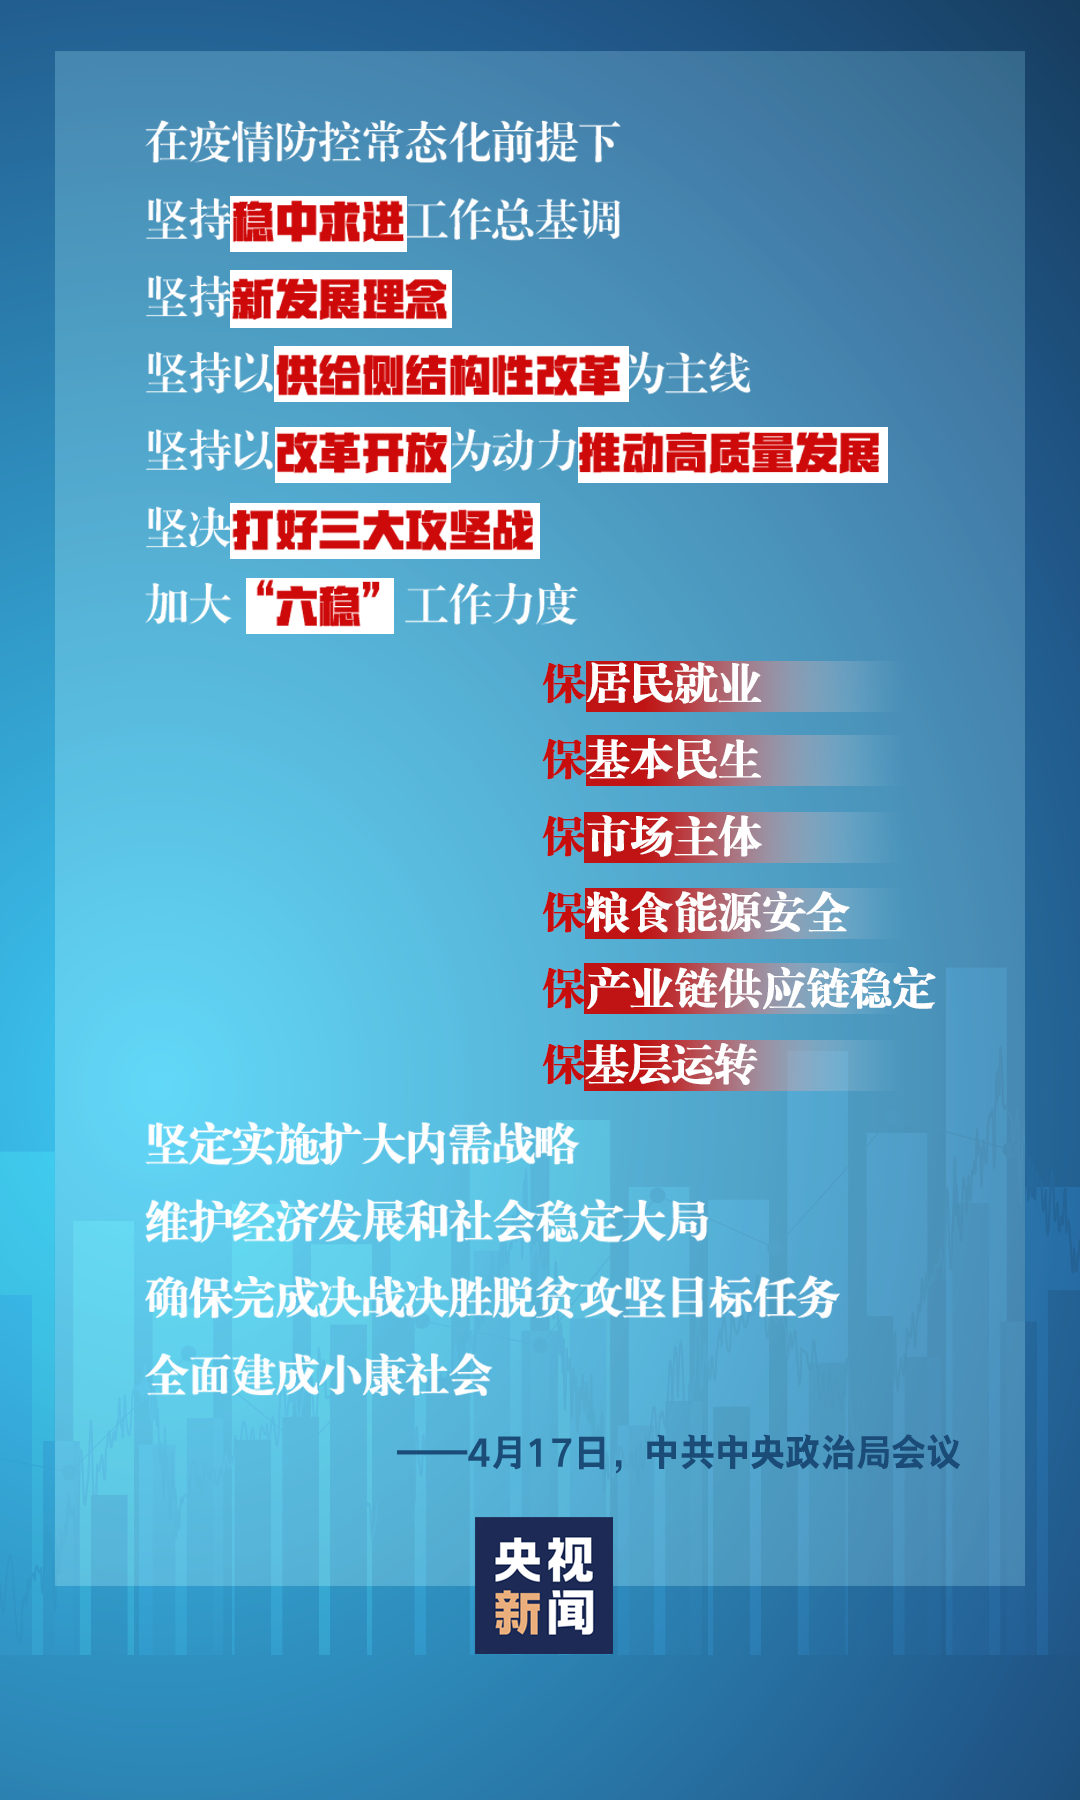 习近平经济发展新常态重大论断,引领中国经济行稳致远